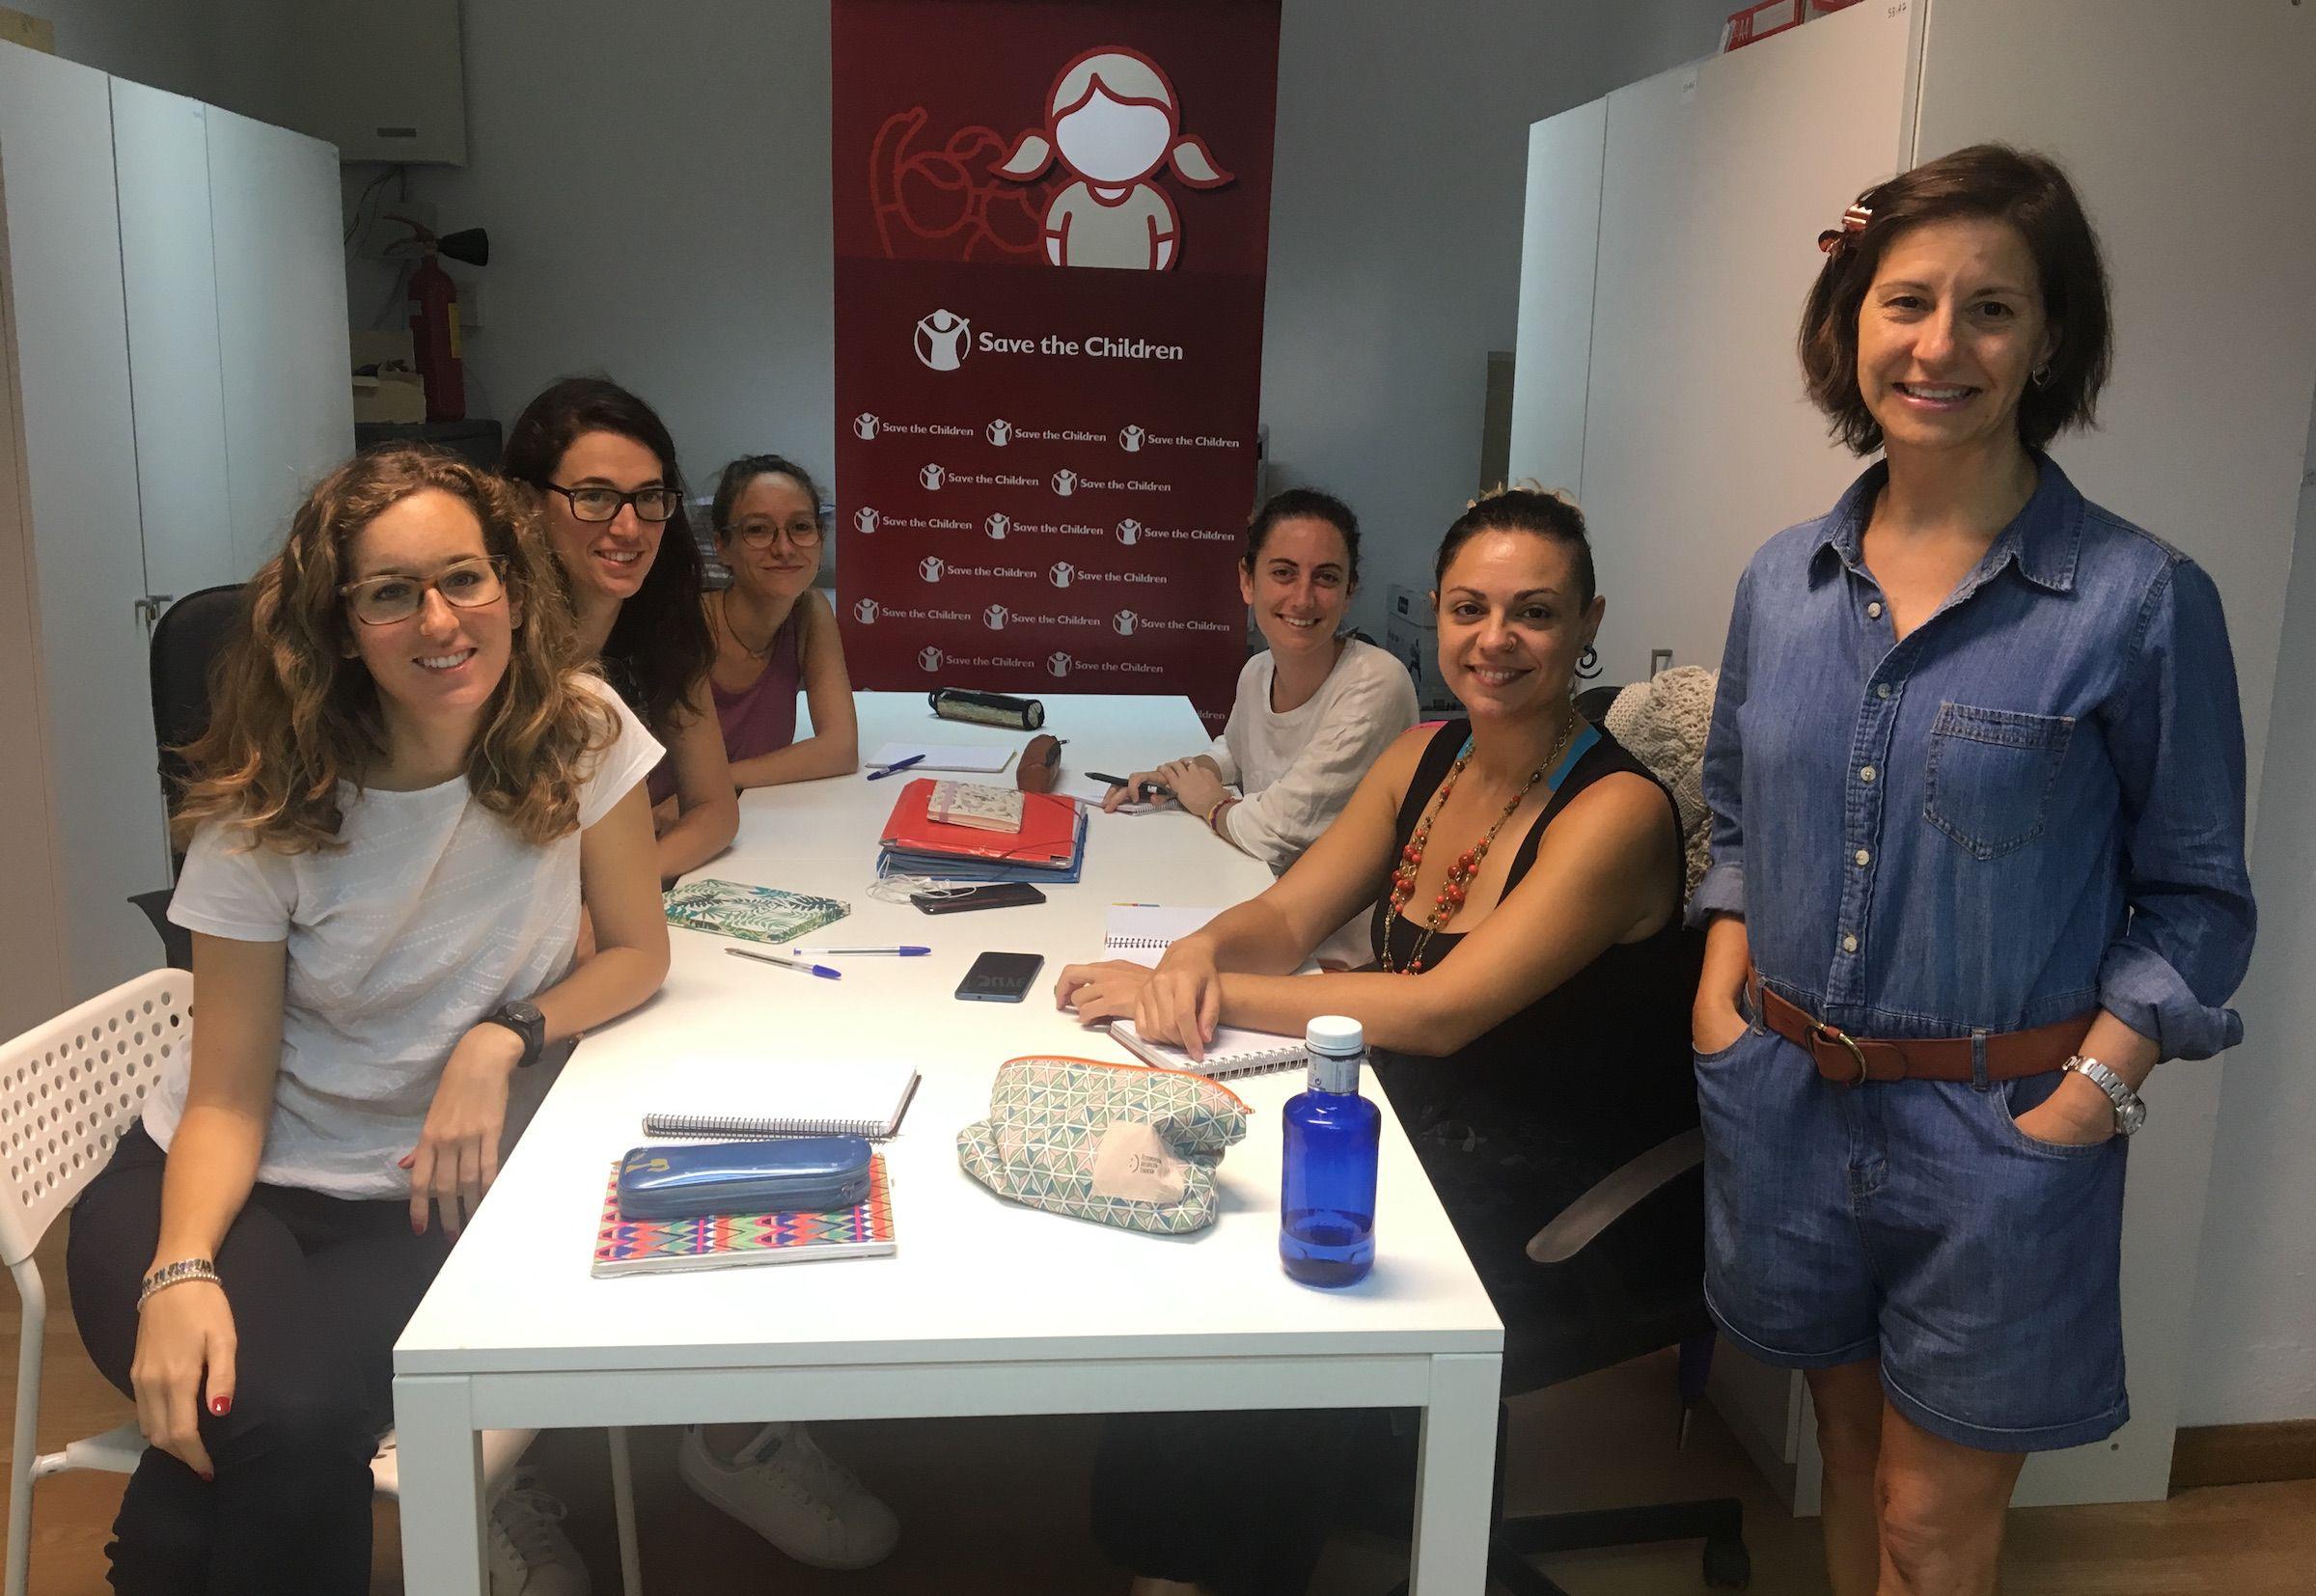 La catedrática Jean Monnet Susana Sanz, junto a algunos de los 14 miembros del personal de Save the children que participaron en el curso.